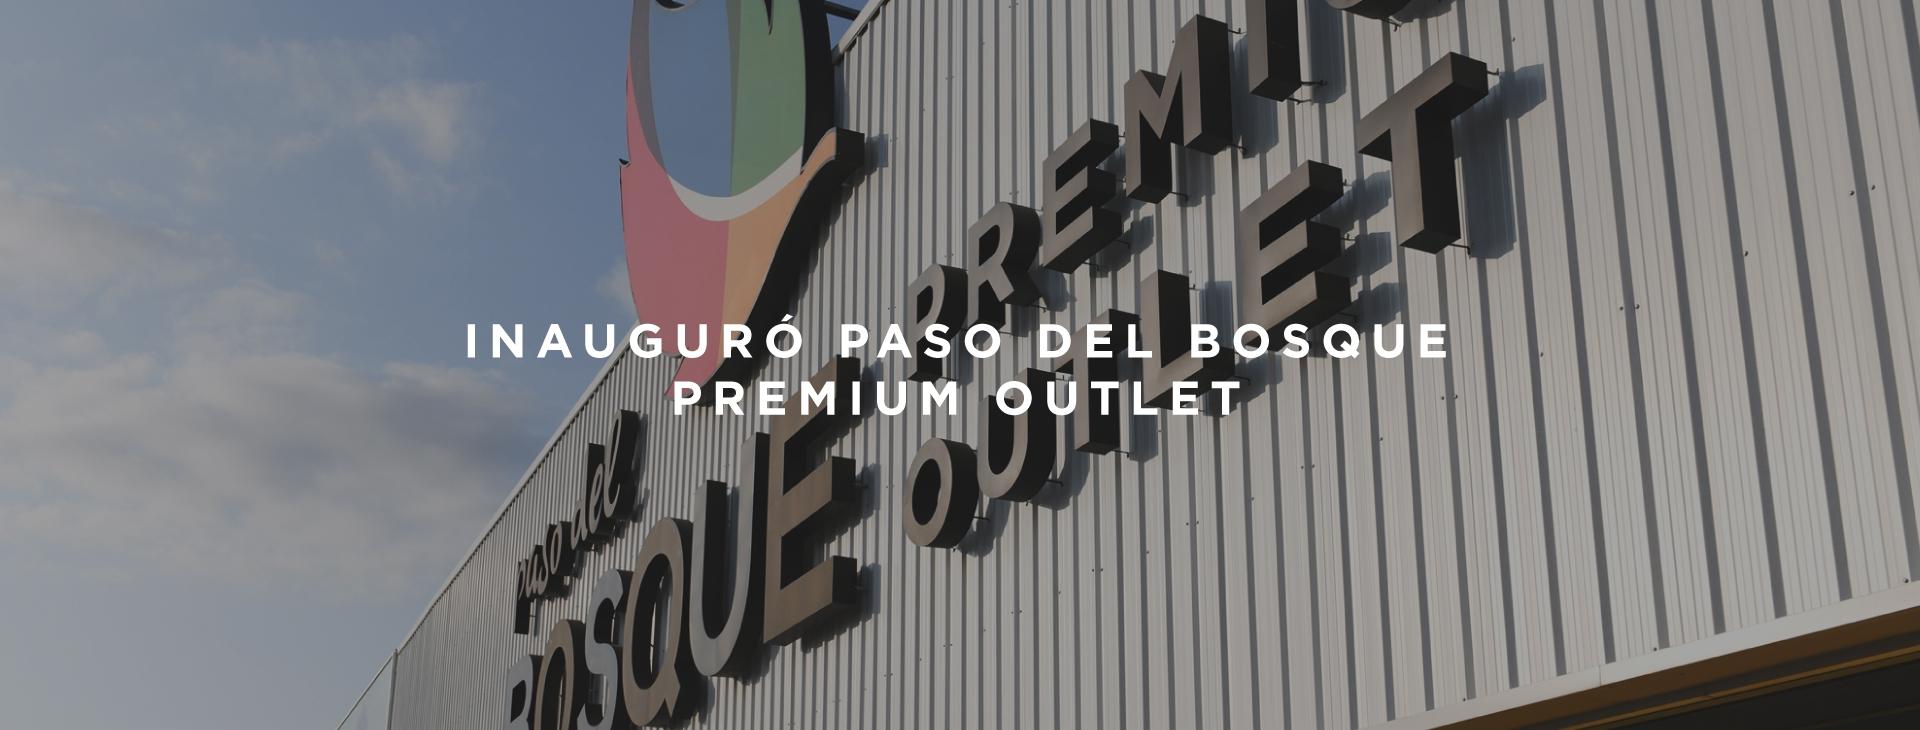 Inauguró Paso del Bosque Premium Outlet